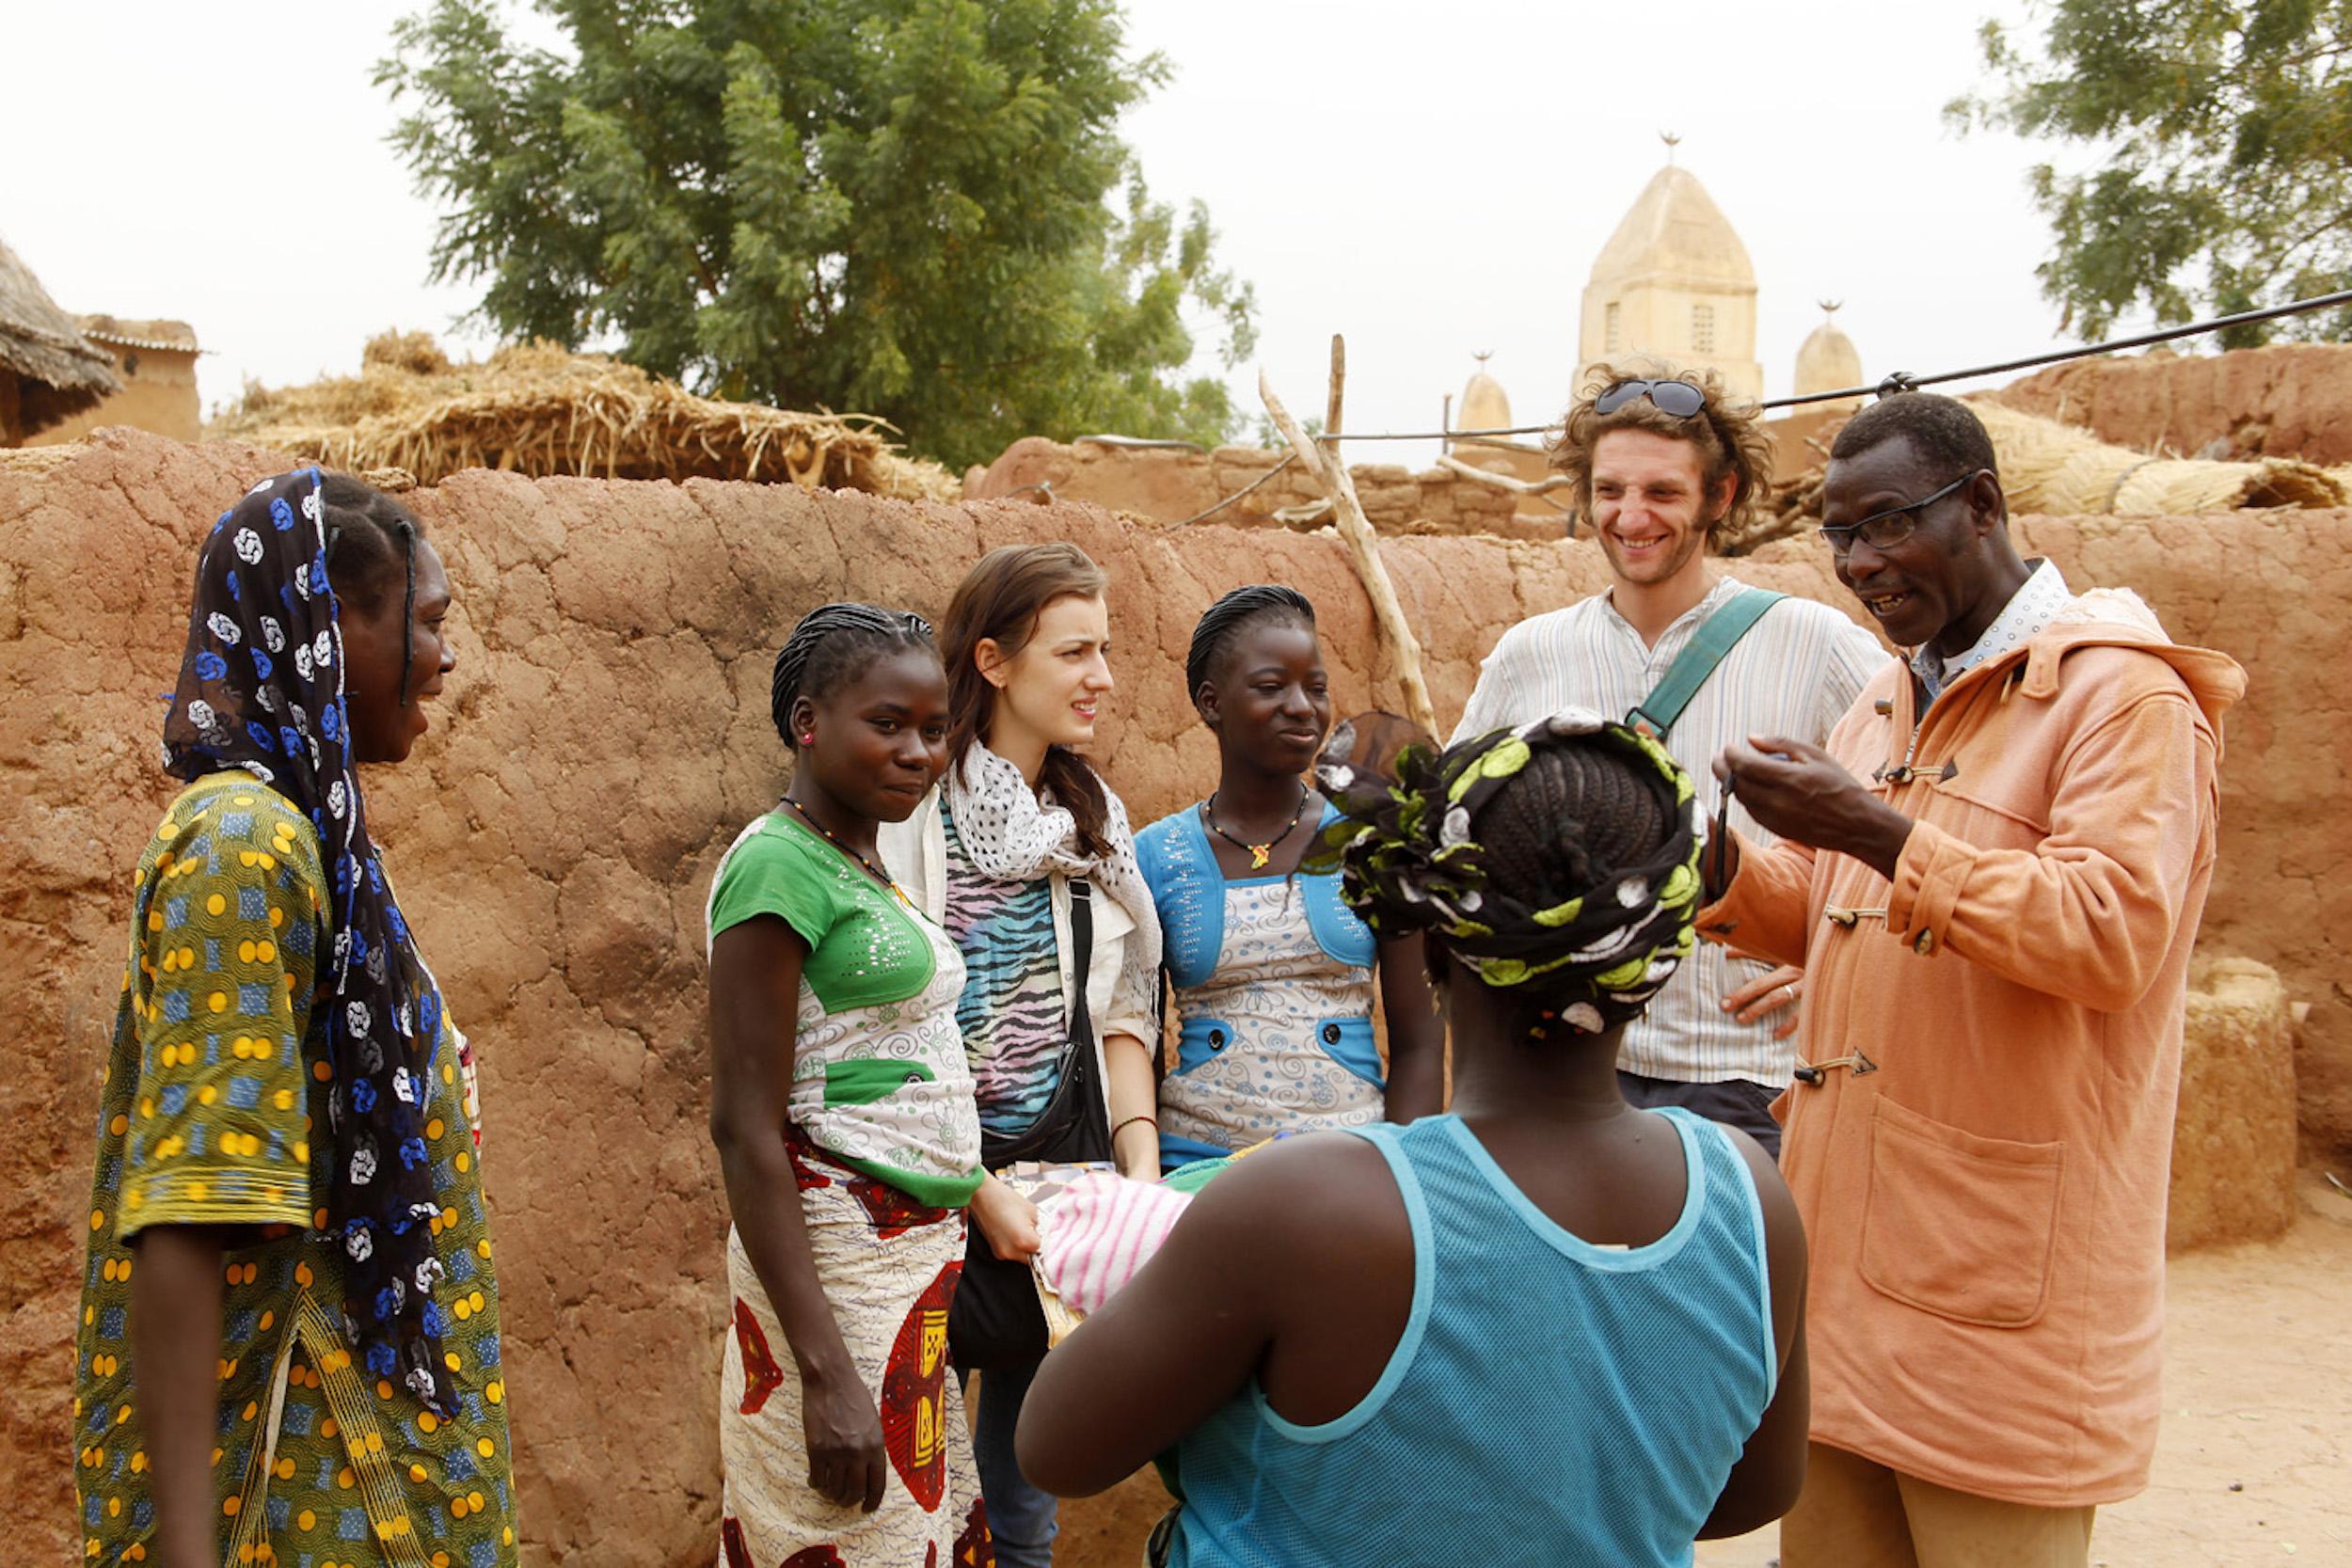 Michael Bührer fördert den kulturellen Austausch zwischen Europäern und den Menschen in Burkina Faso.